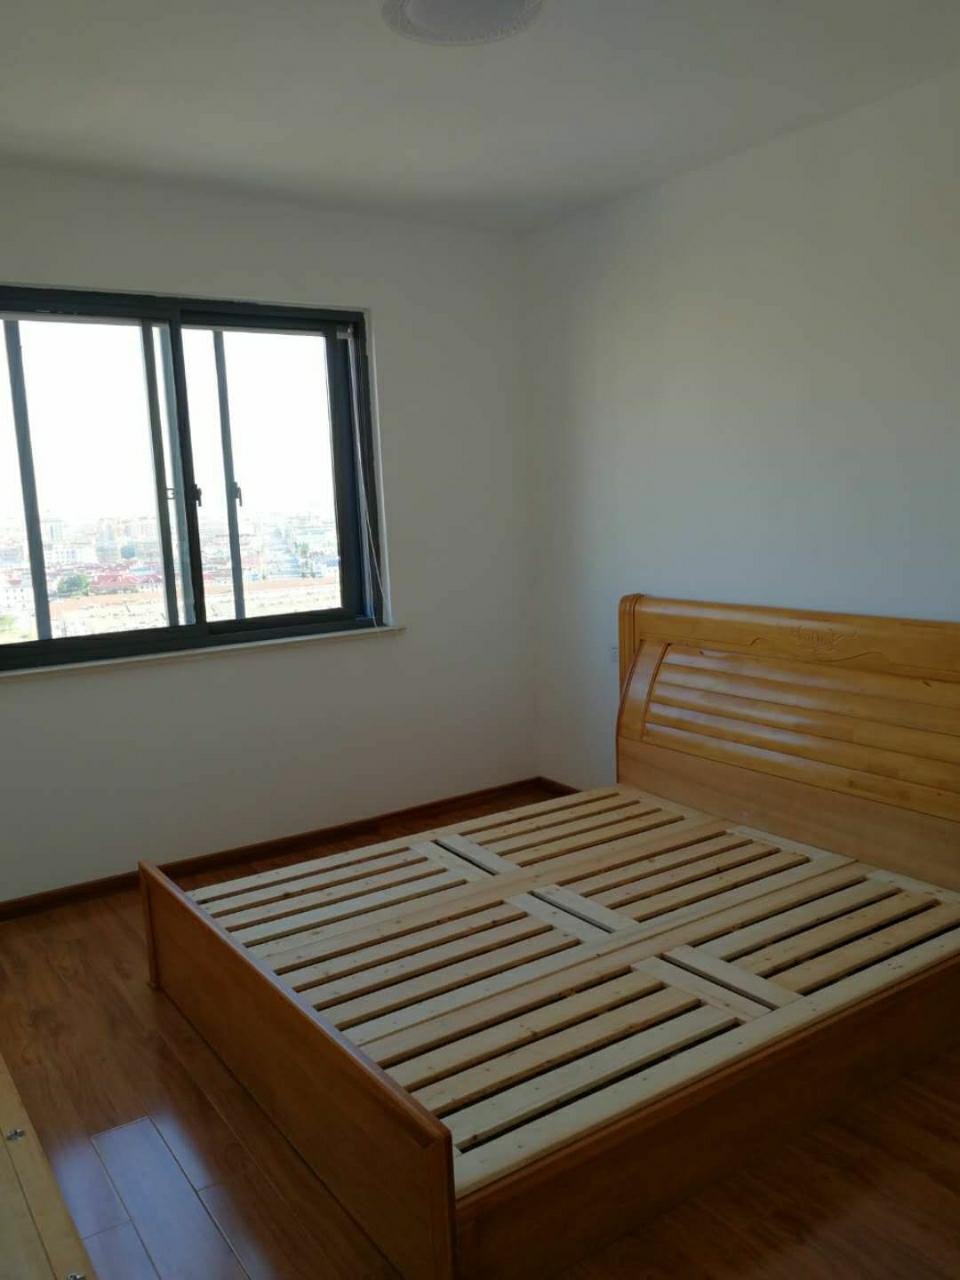 鑫和苑95平米精装修3室2厅1卫101万元